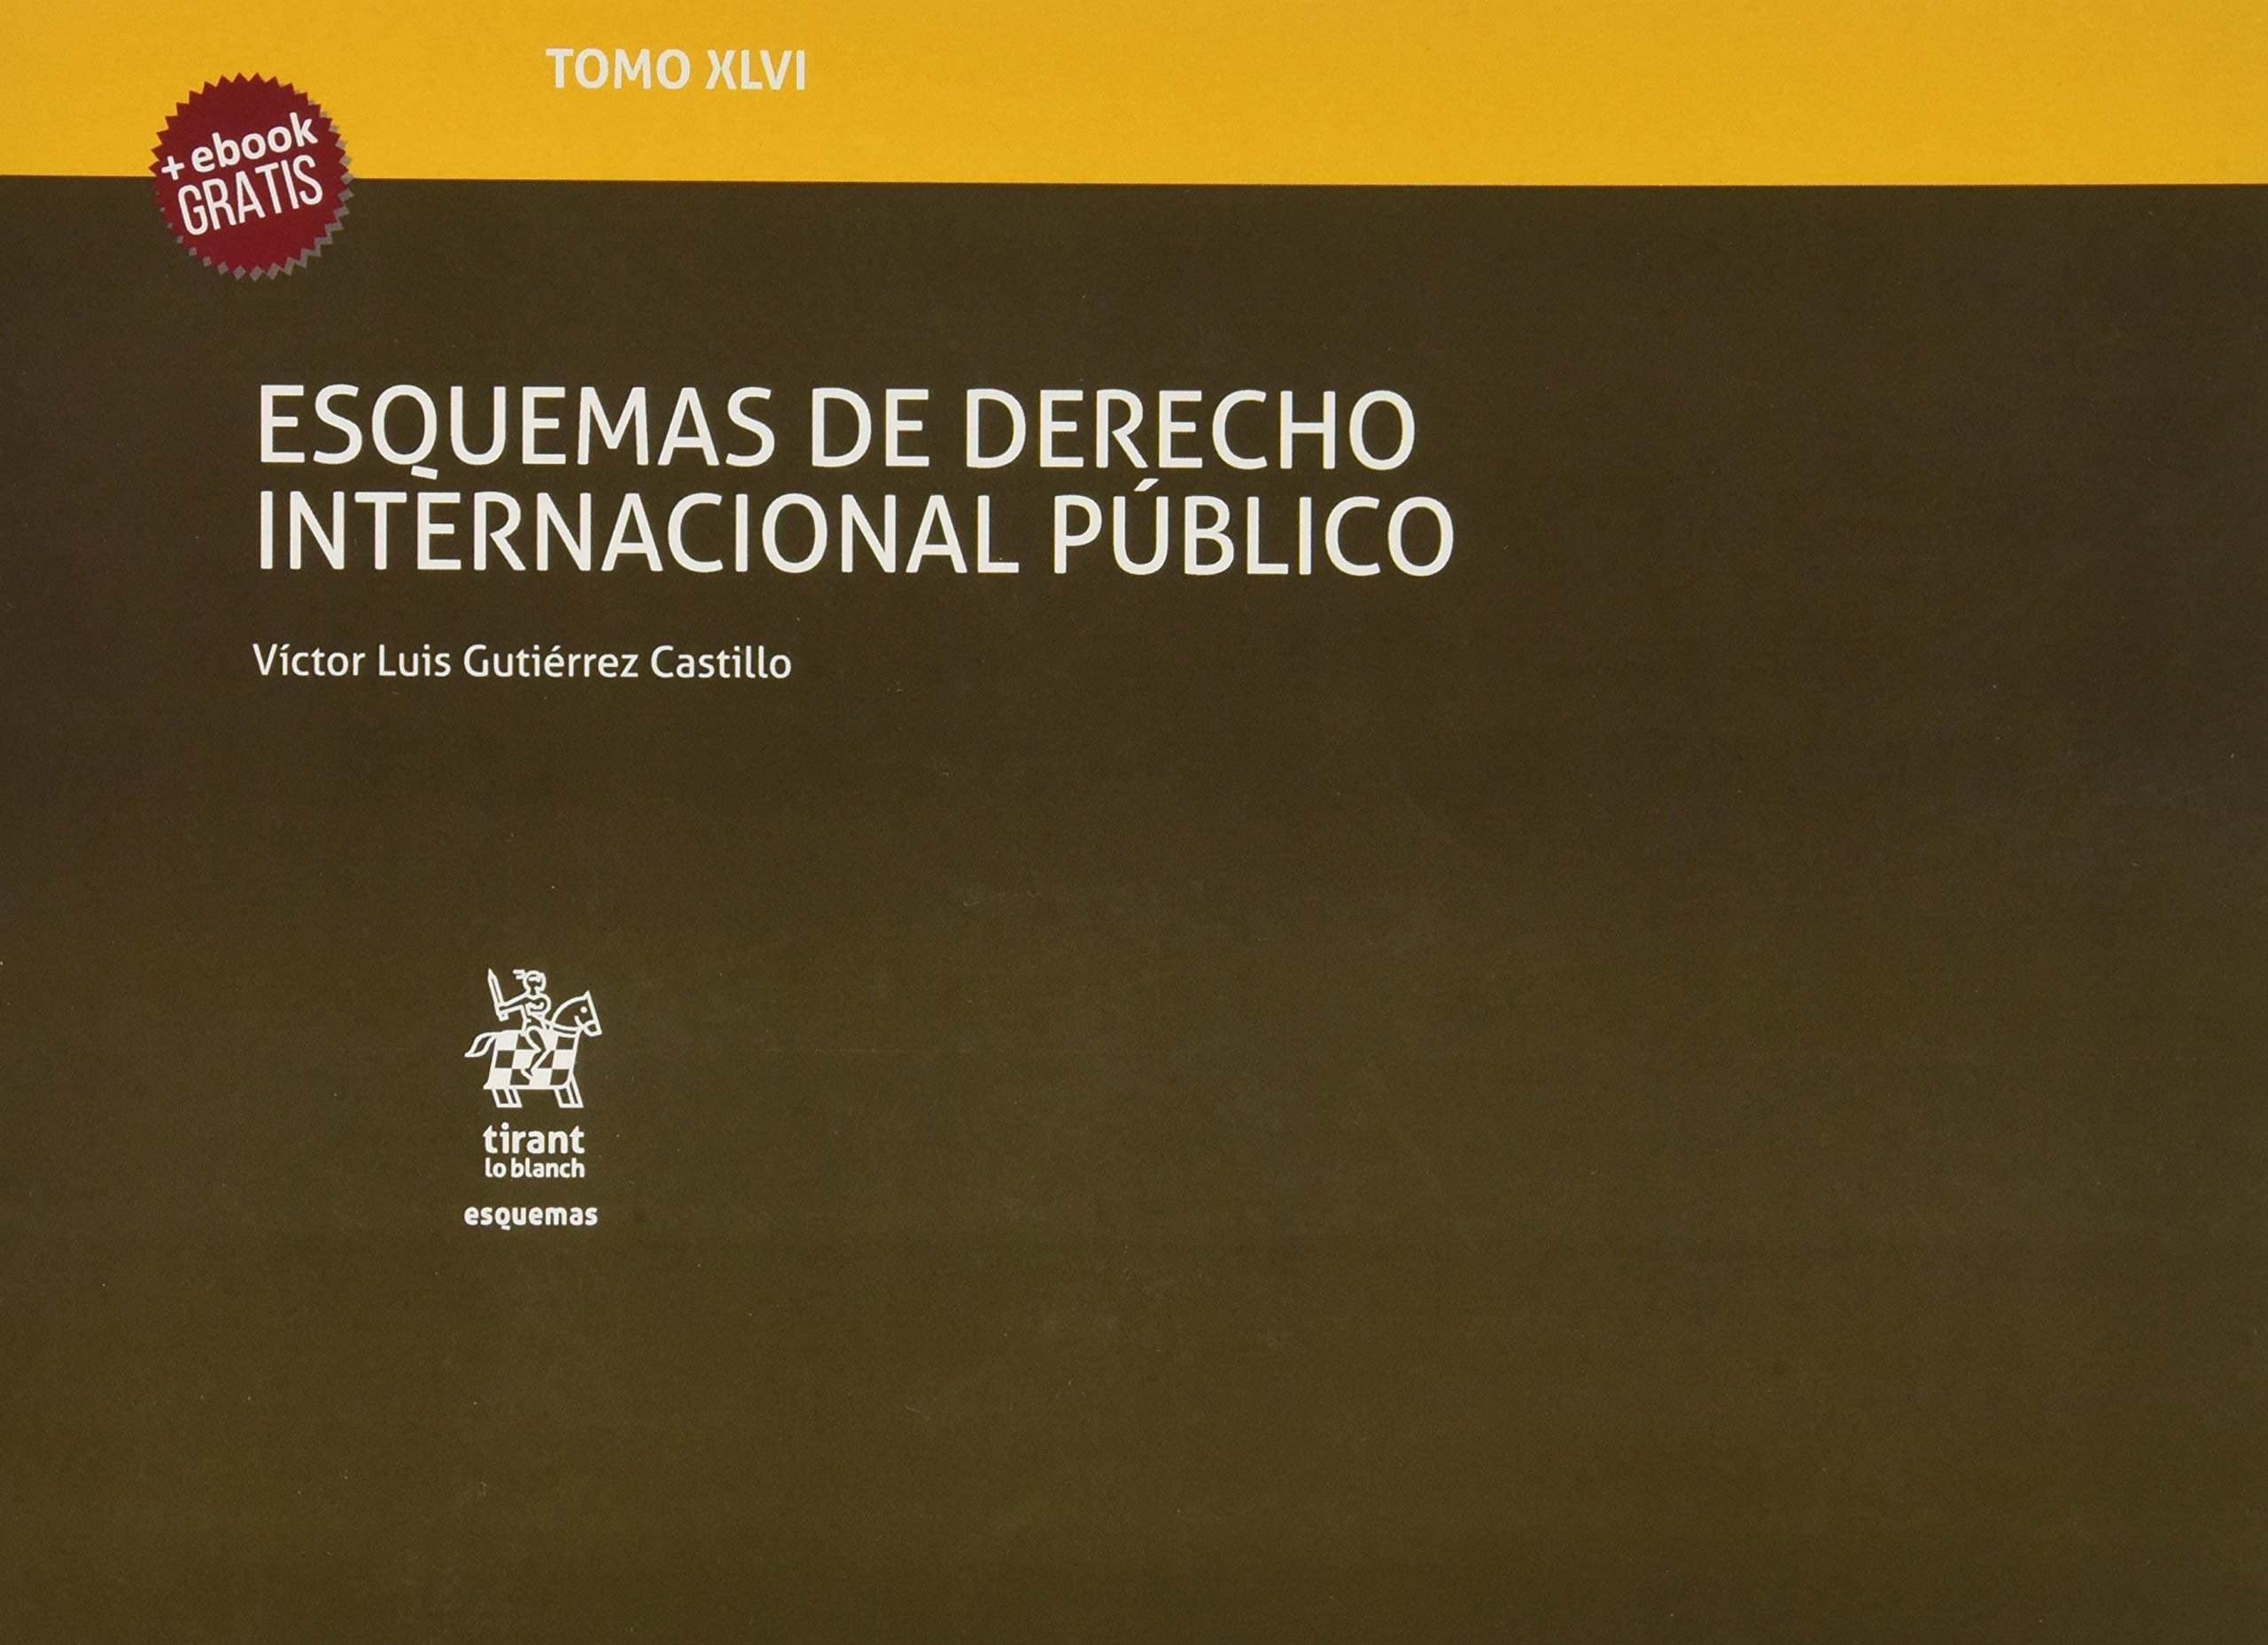 Tomo XLVI Esquemas de Derecho Internacional Público